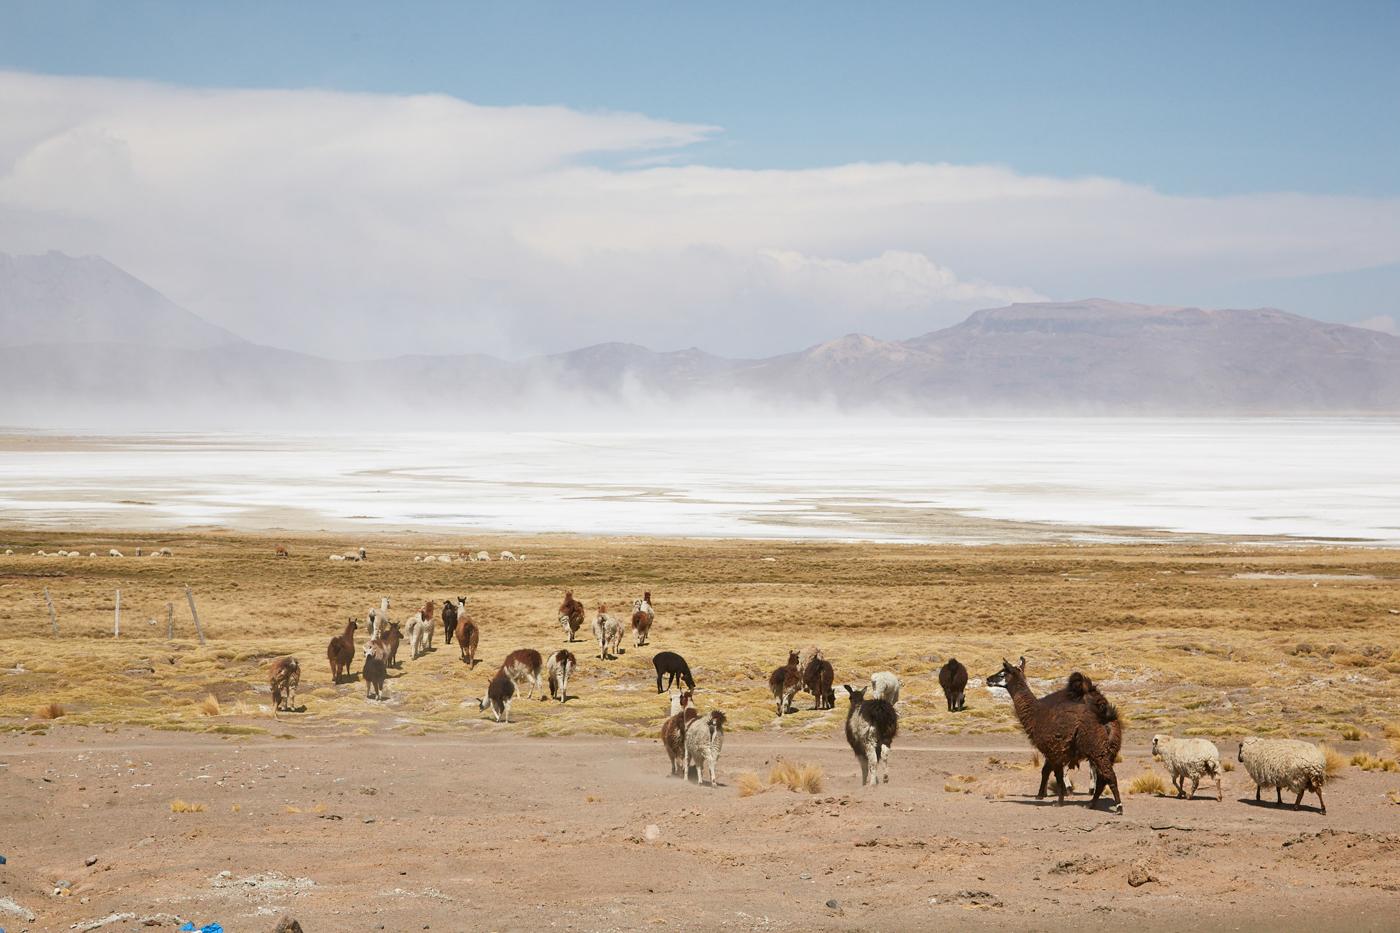 Hier grasen Alpakas, Lamas und Schafe direkt an der riesengroßen Salzlagune mitten im Nationalpark. Im Hintergrund steigt Dunst vom Salzsee auf